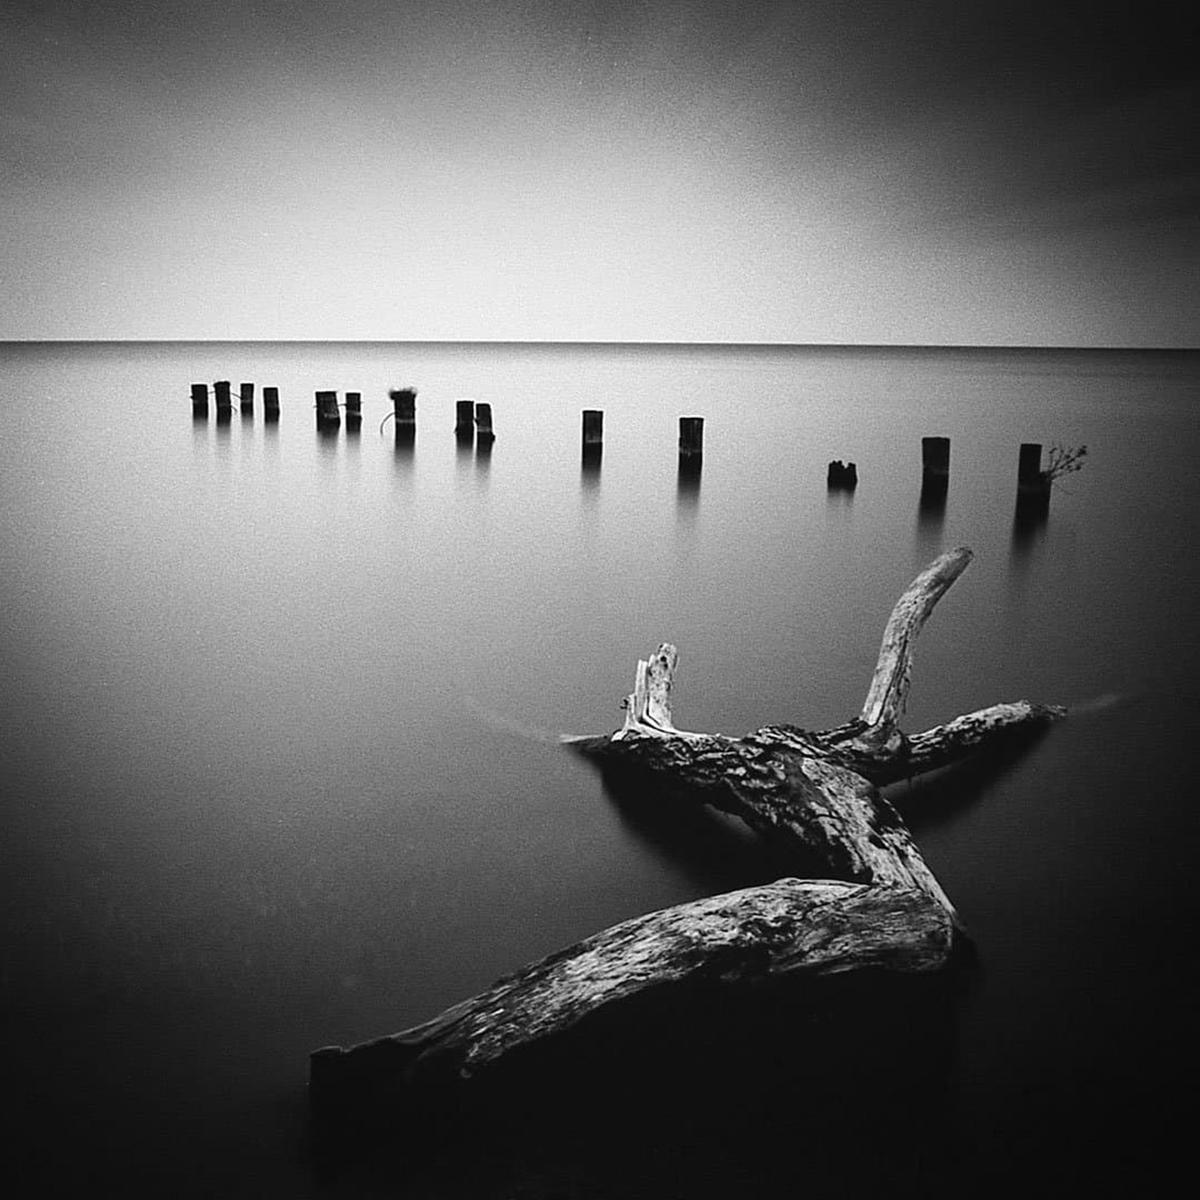 Fotografi Landscape fotografi keren dan foto hitam putih Long Exposure